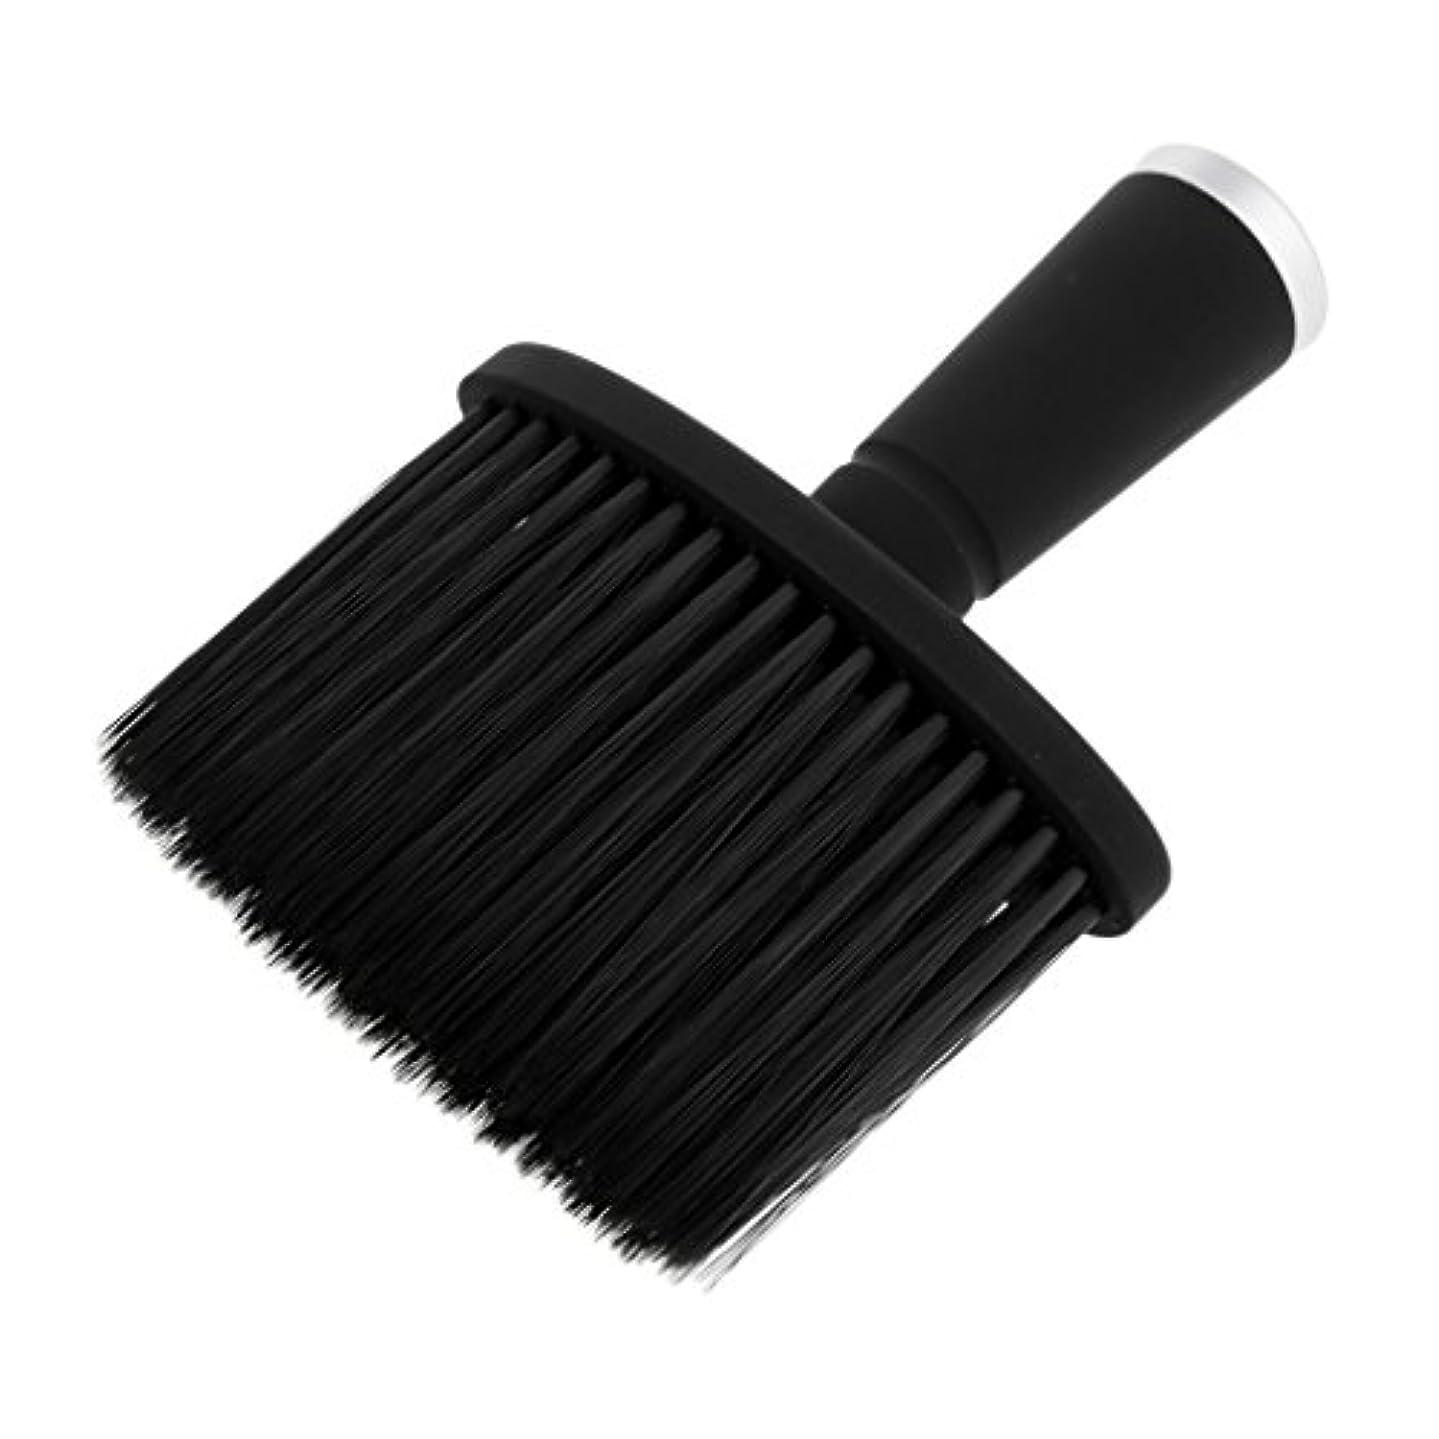 溶ける称賛経由でソフトネックダスターブラシサロンのためのスタイリストの理髪髪ヘアカットメイクツール - 銀